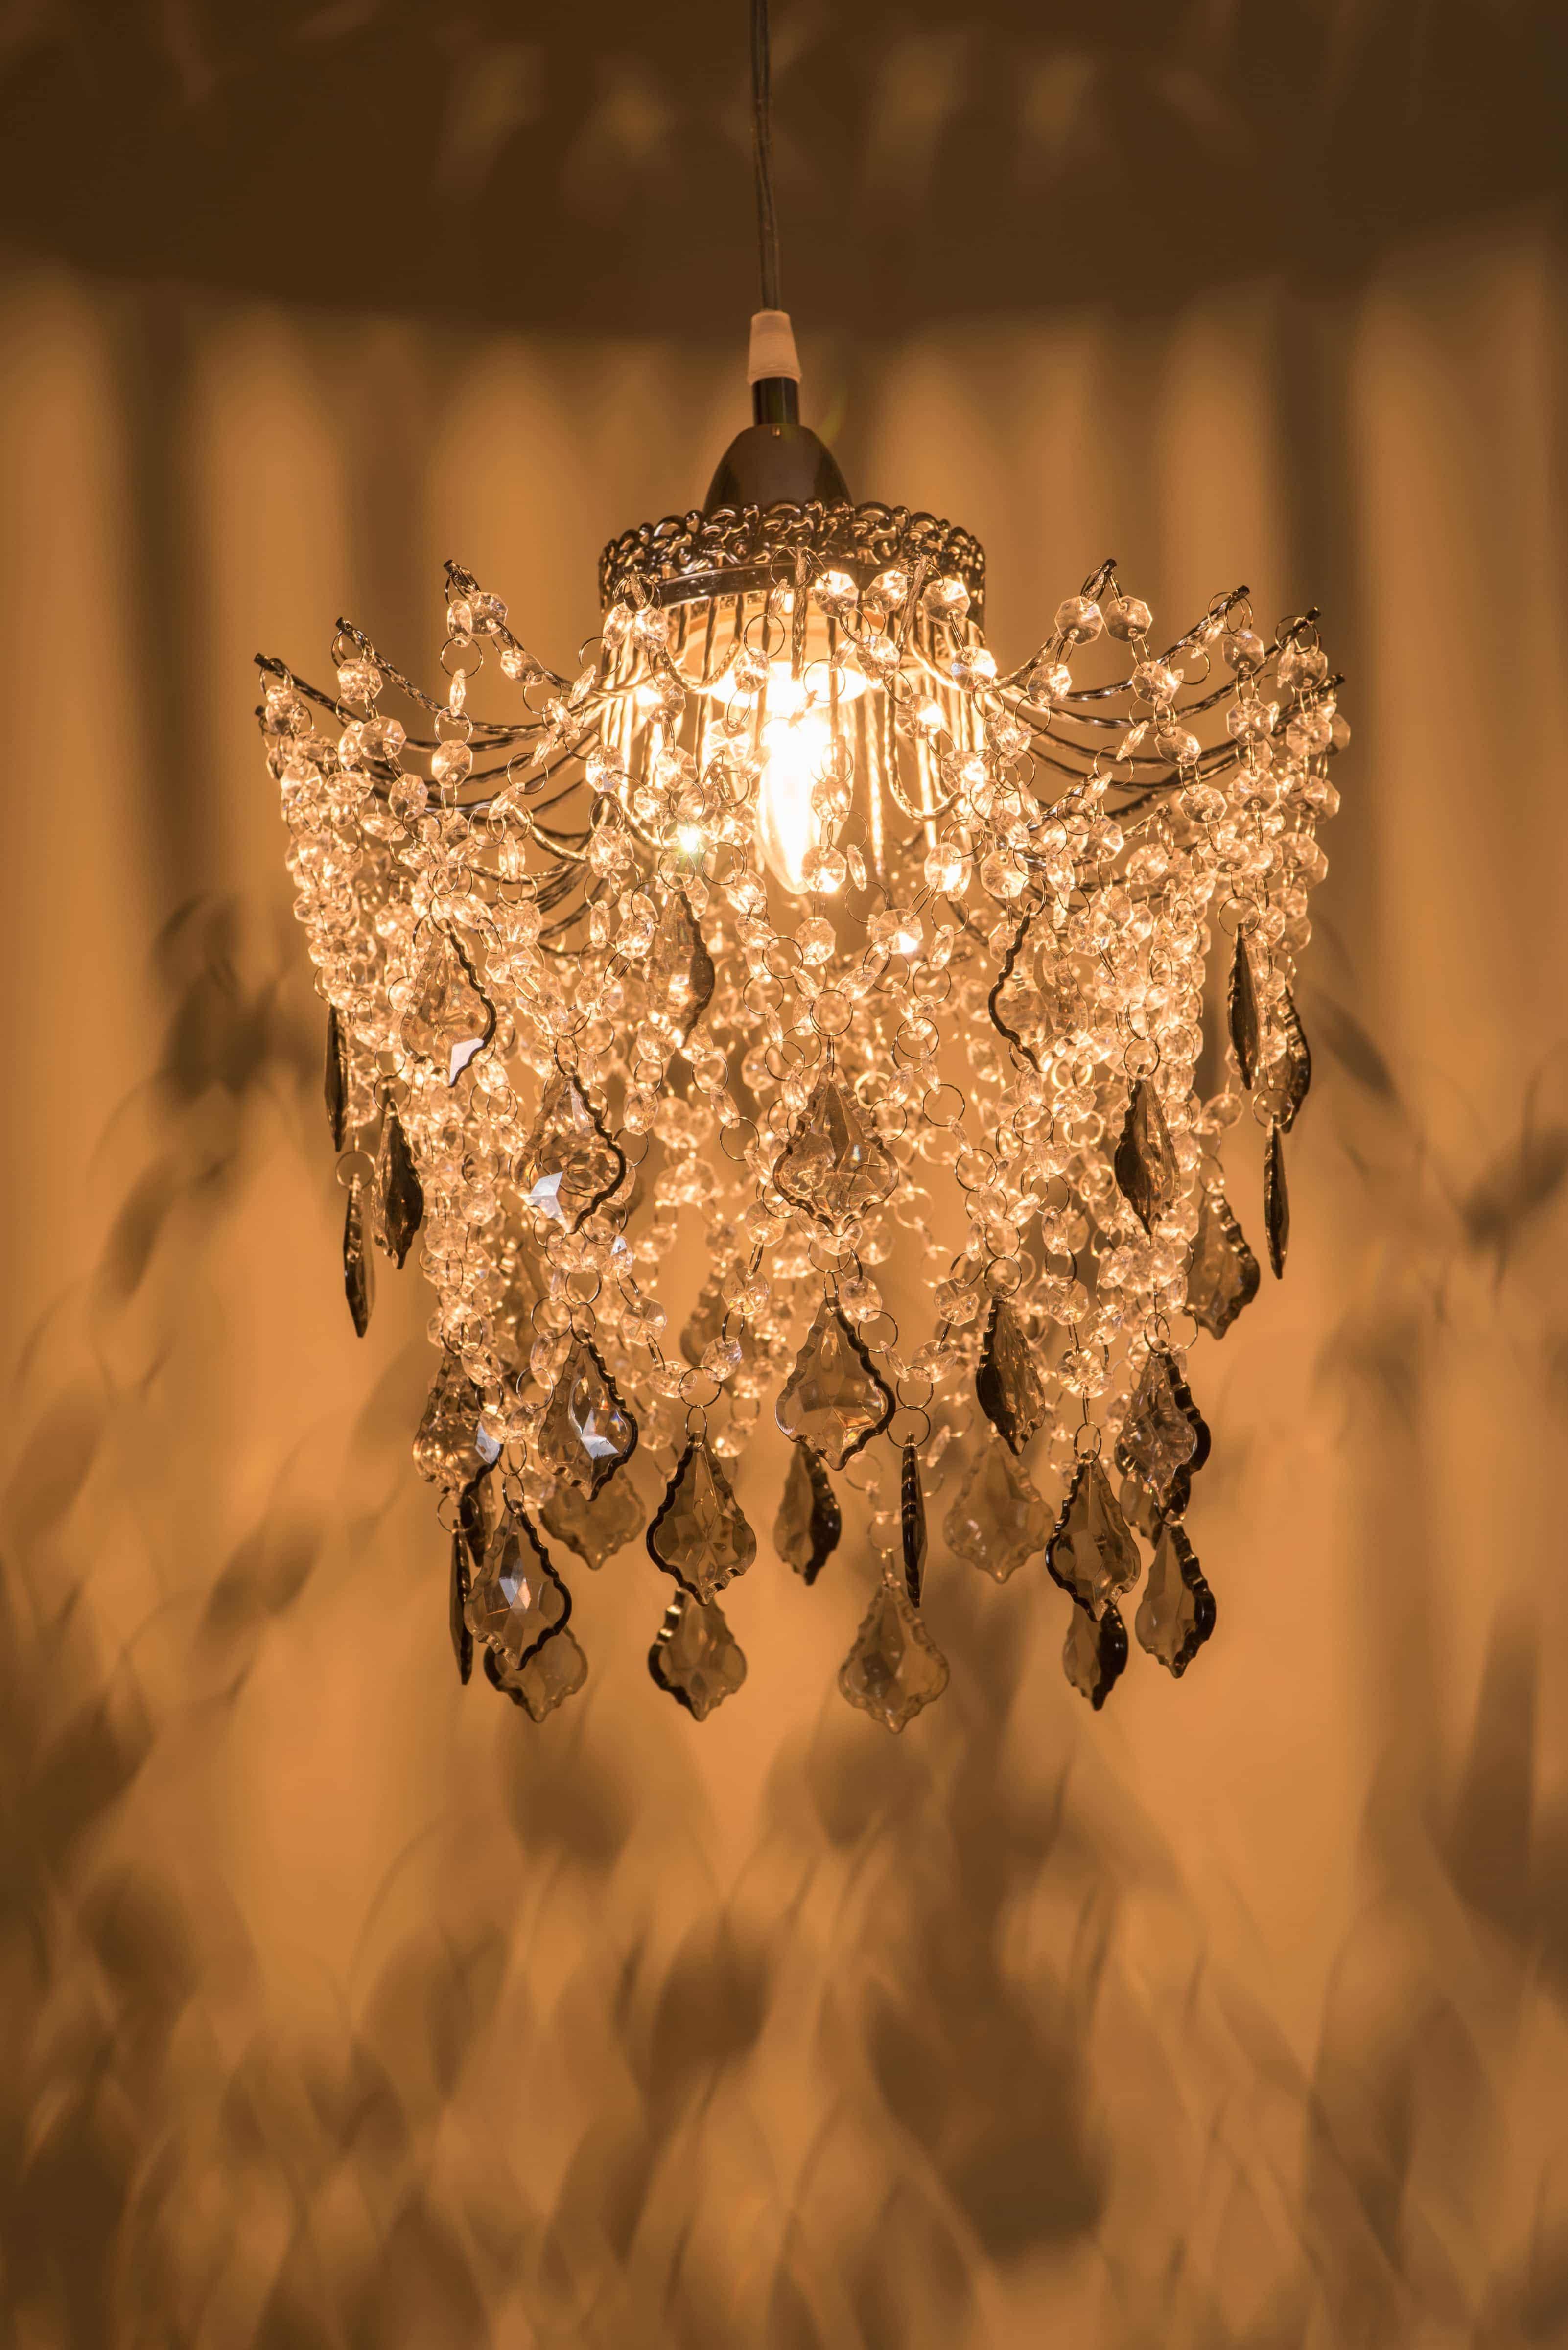 鍍鉻黑灰壓克力珠吊燈-BNL00045 2